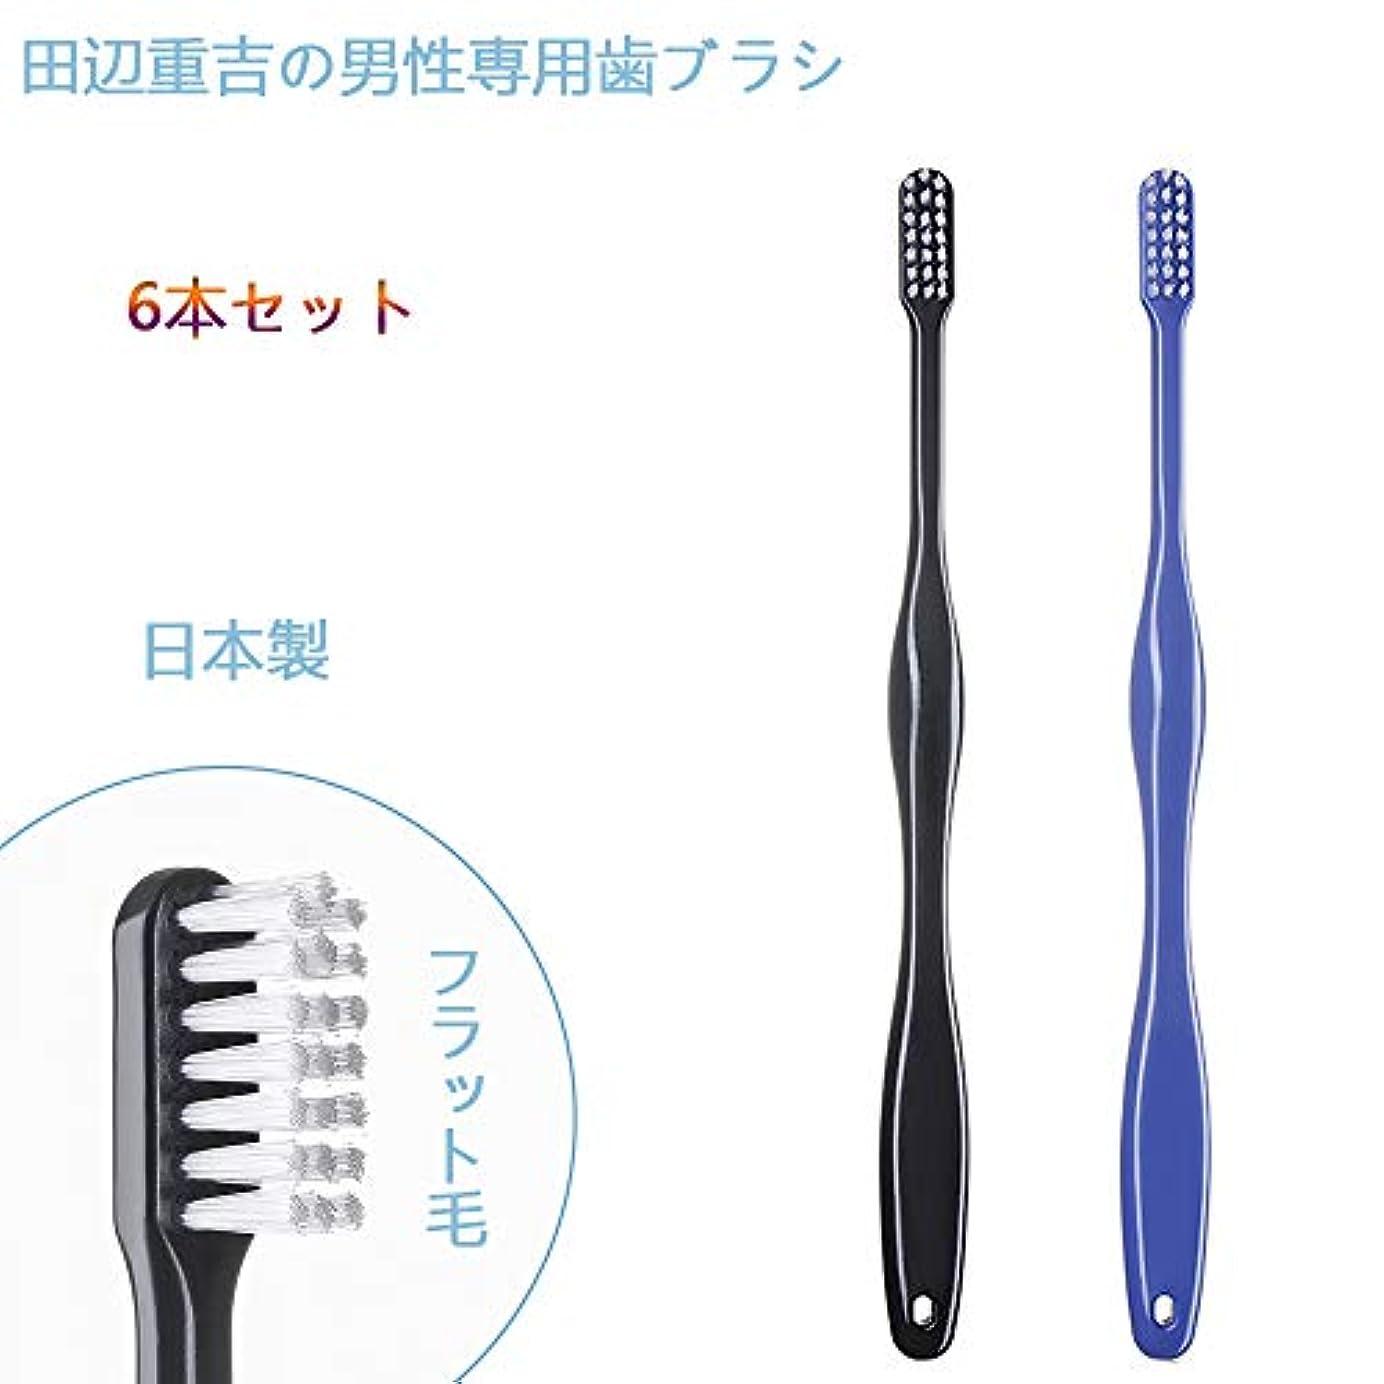 ひまわり近所のキウイ歯ブラシ職人 Artooth ® 田辺重吉の磨きやすい 男性専用 歯ブラシ MEN' S 日本製 耐久性UP 6本セットLT-08(色おまかせ)